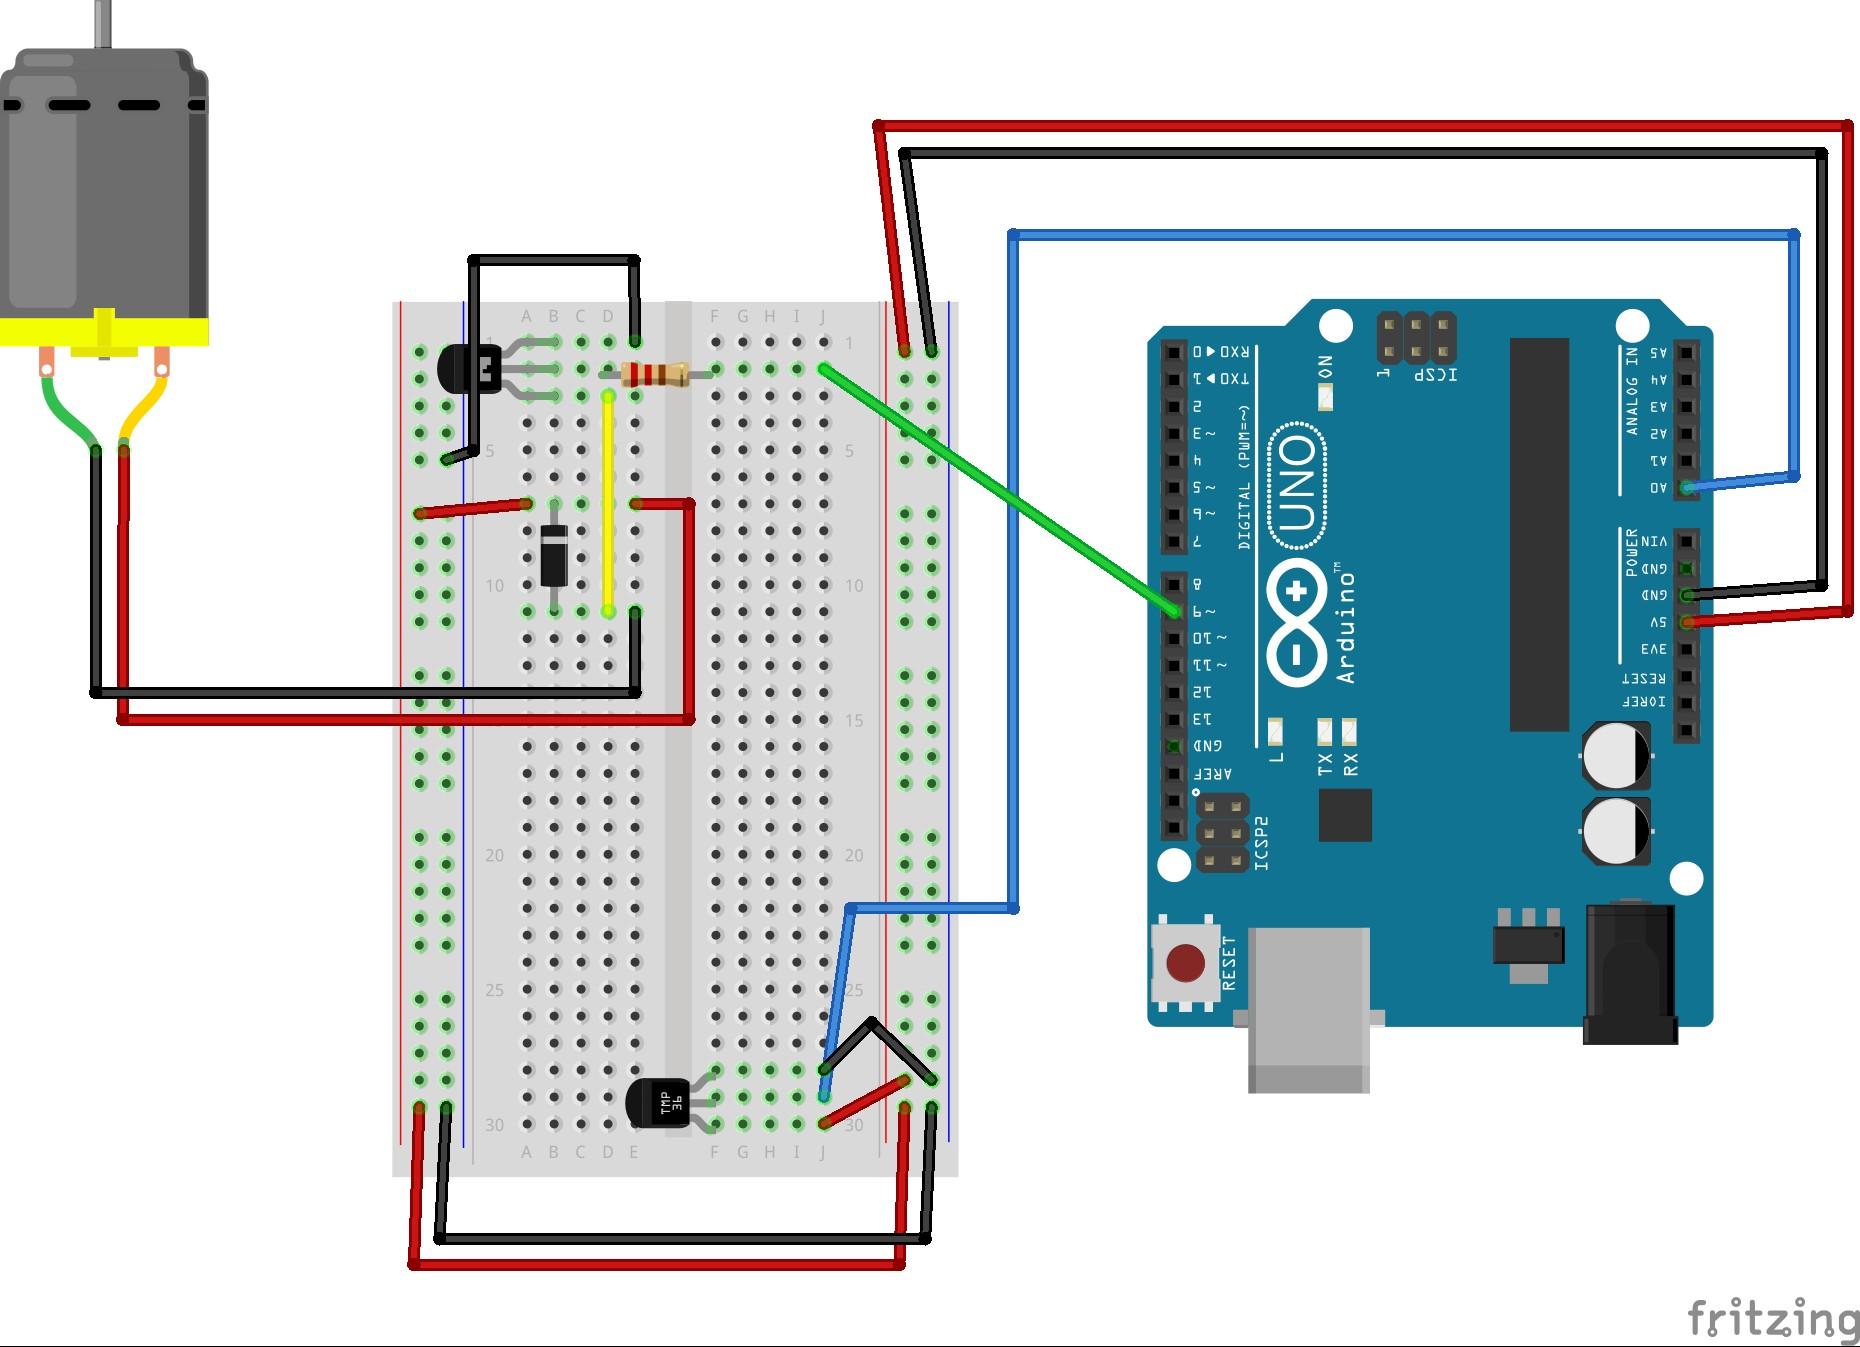 Wiring Diagram for Arduino Maker Go 0610] Arduino Temperature Sensor Circuit Wiring Diagram Of Wiring Diagram for Arduino Maker